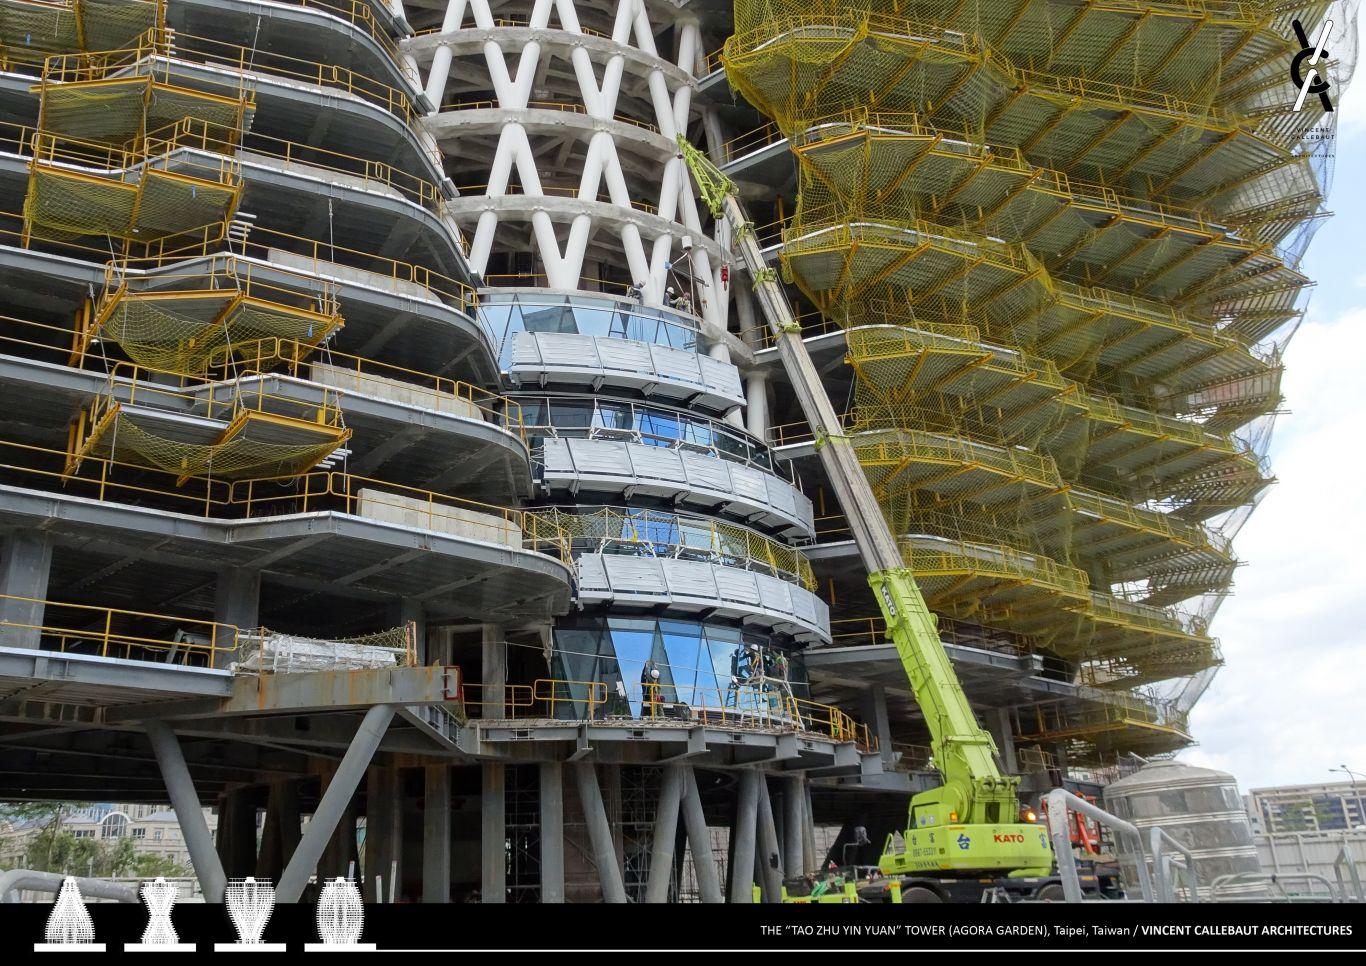 A construção do edifício sustentável deve ficar pronta em 2021